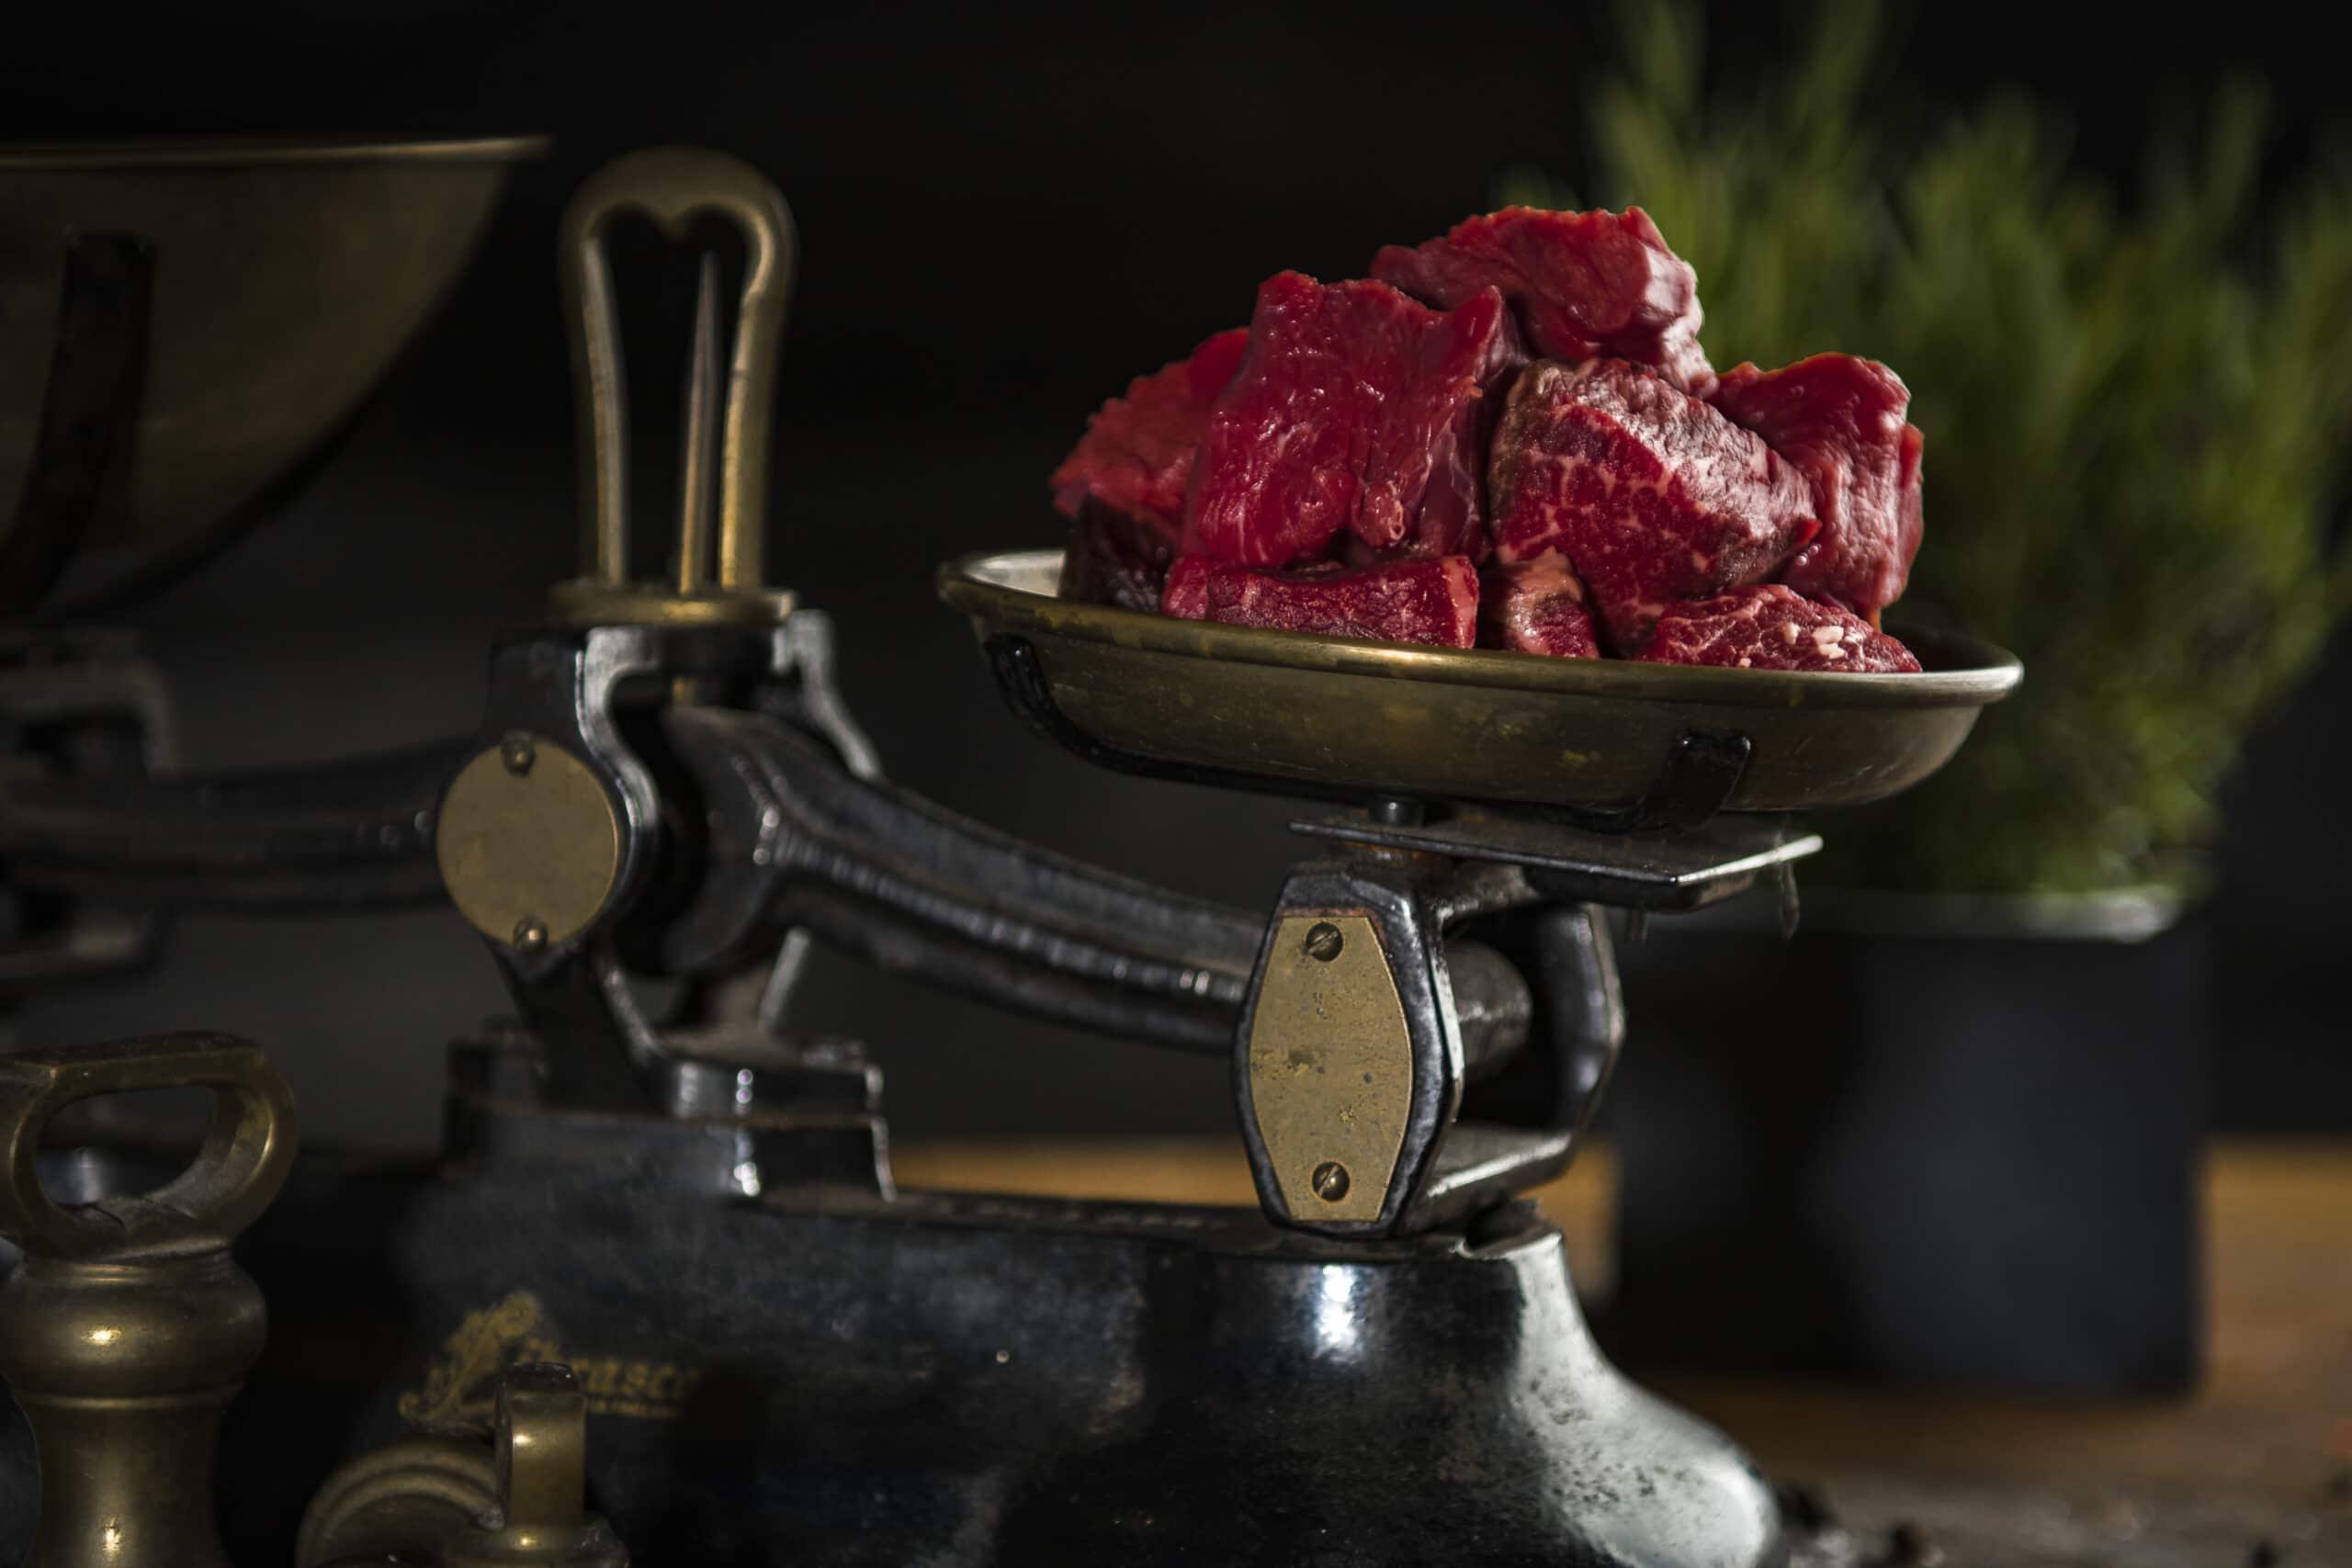 Brasing Steak The Farmers Butcher ©GrahamGParker2020 20200601 0044